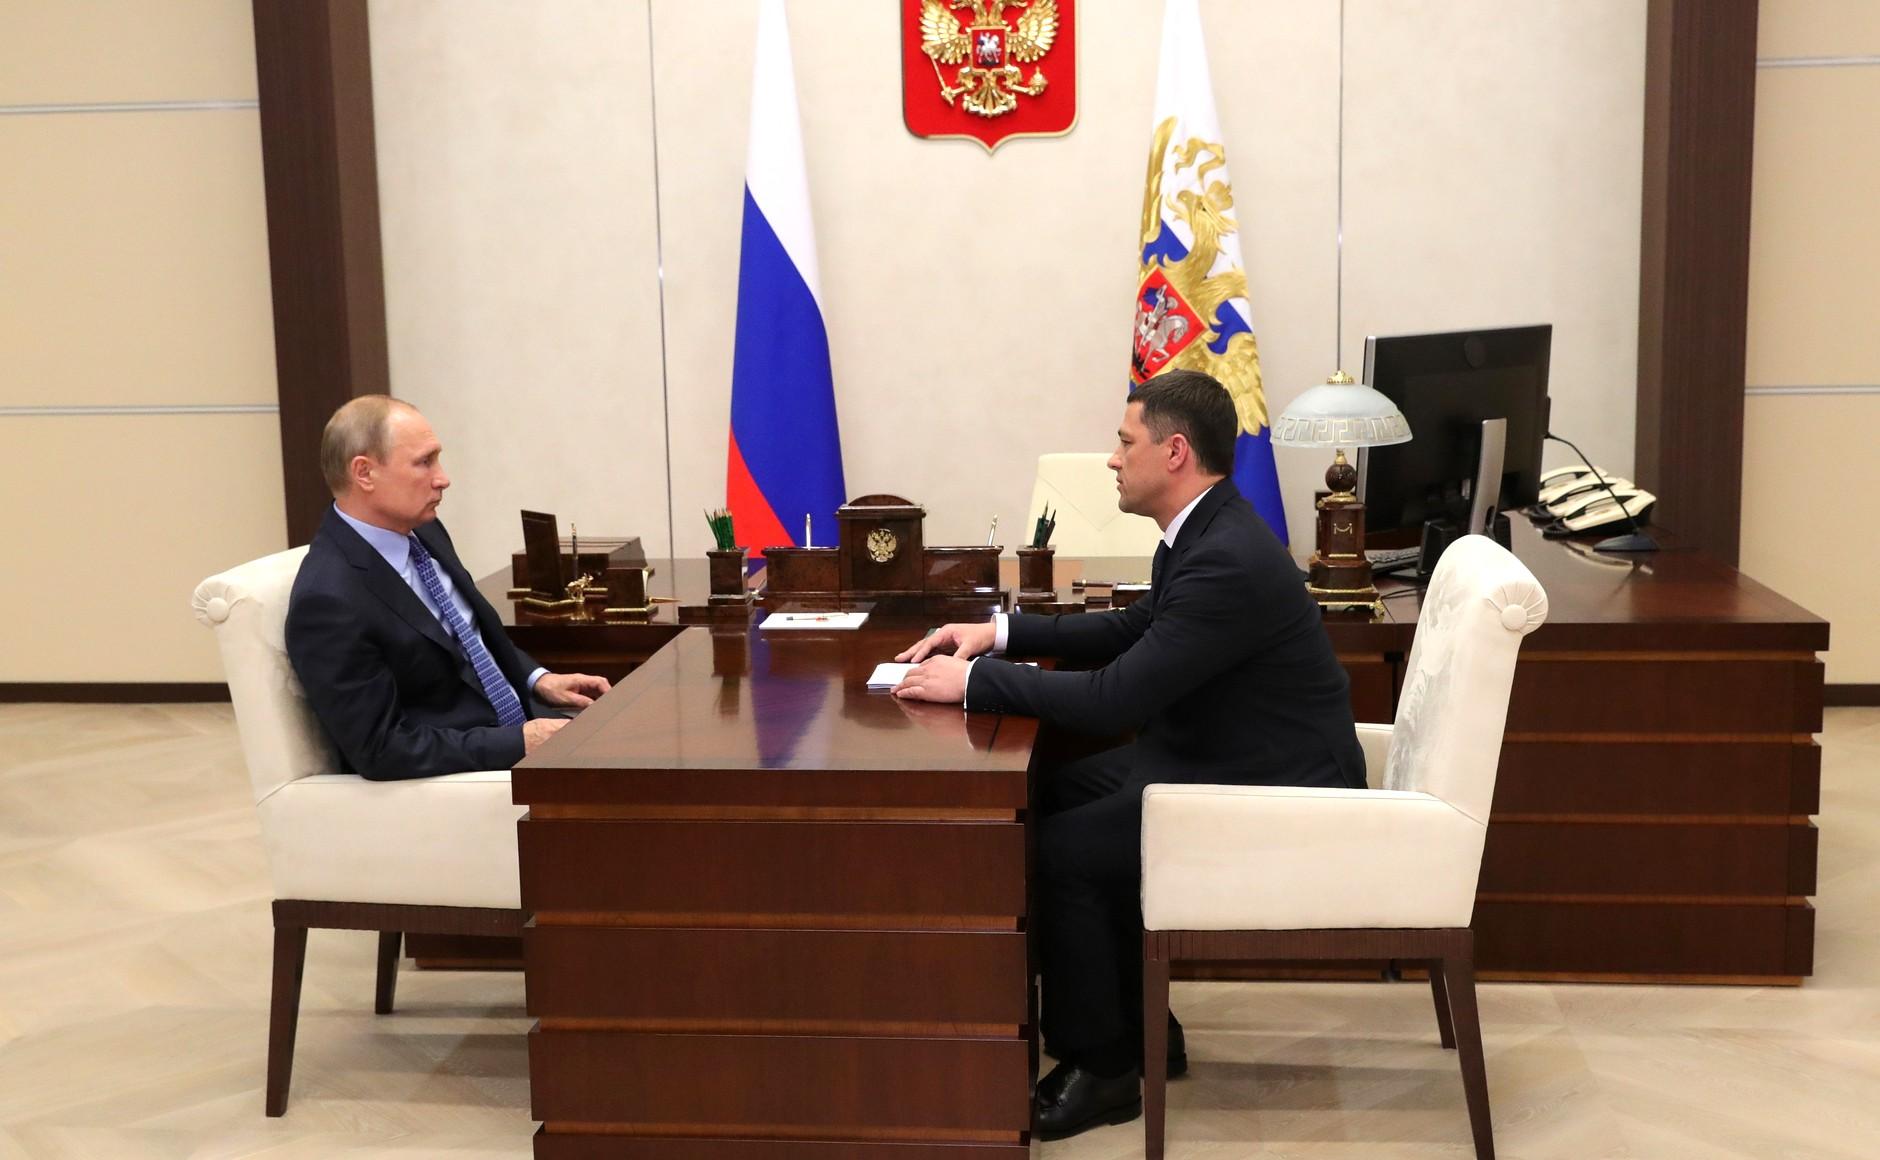 фото ЗакС политика Псковский губернатор самоизолировался после общения с коронавирусными больными